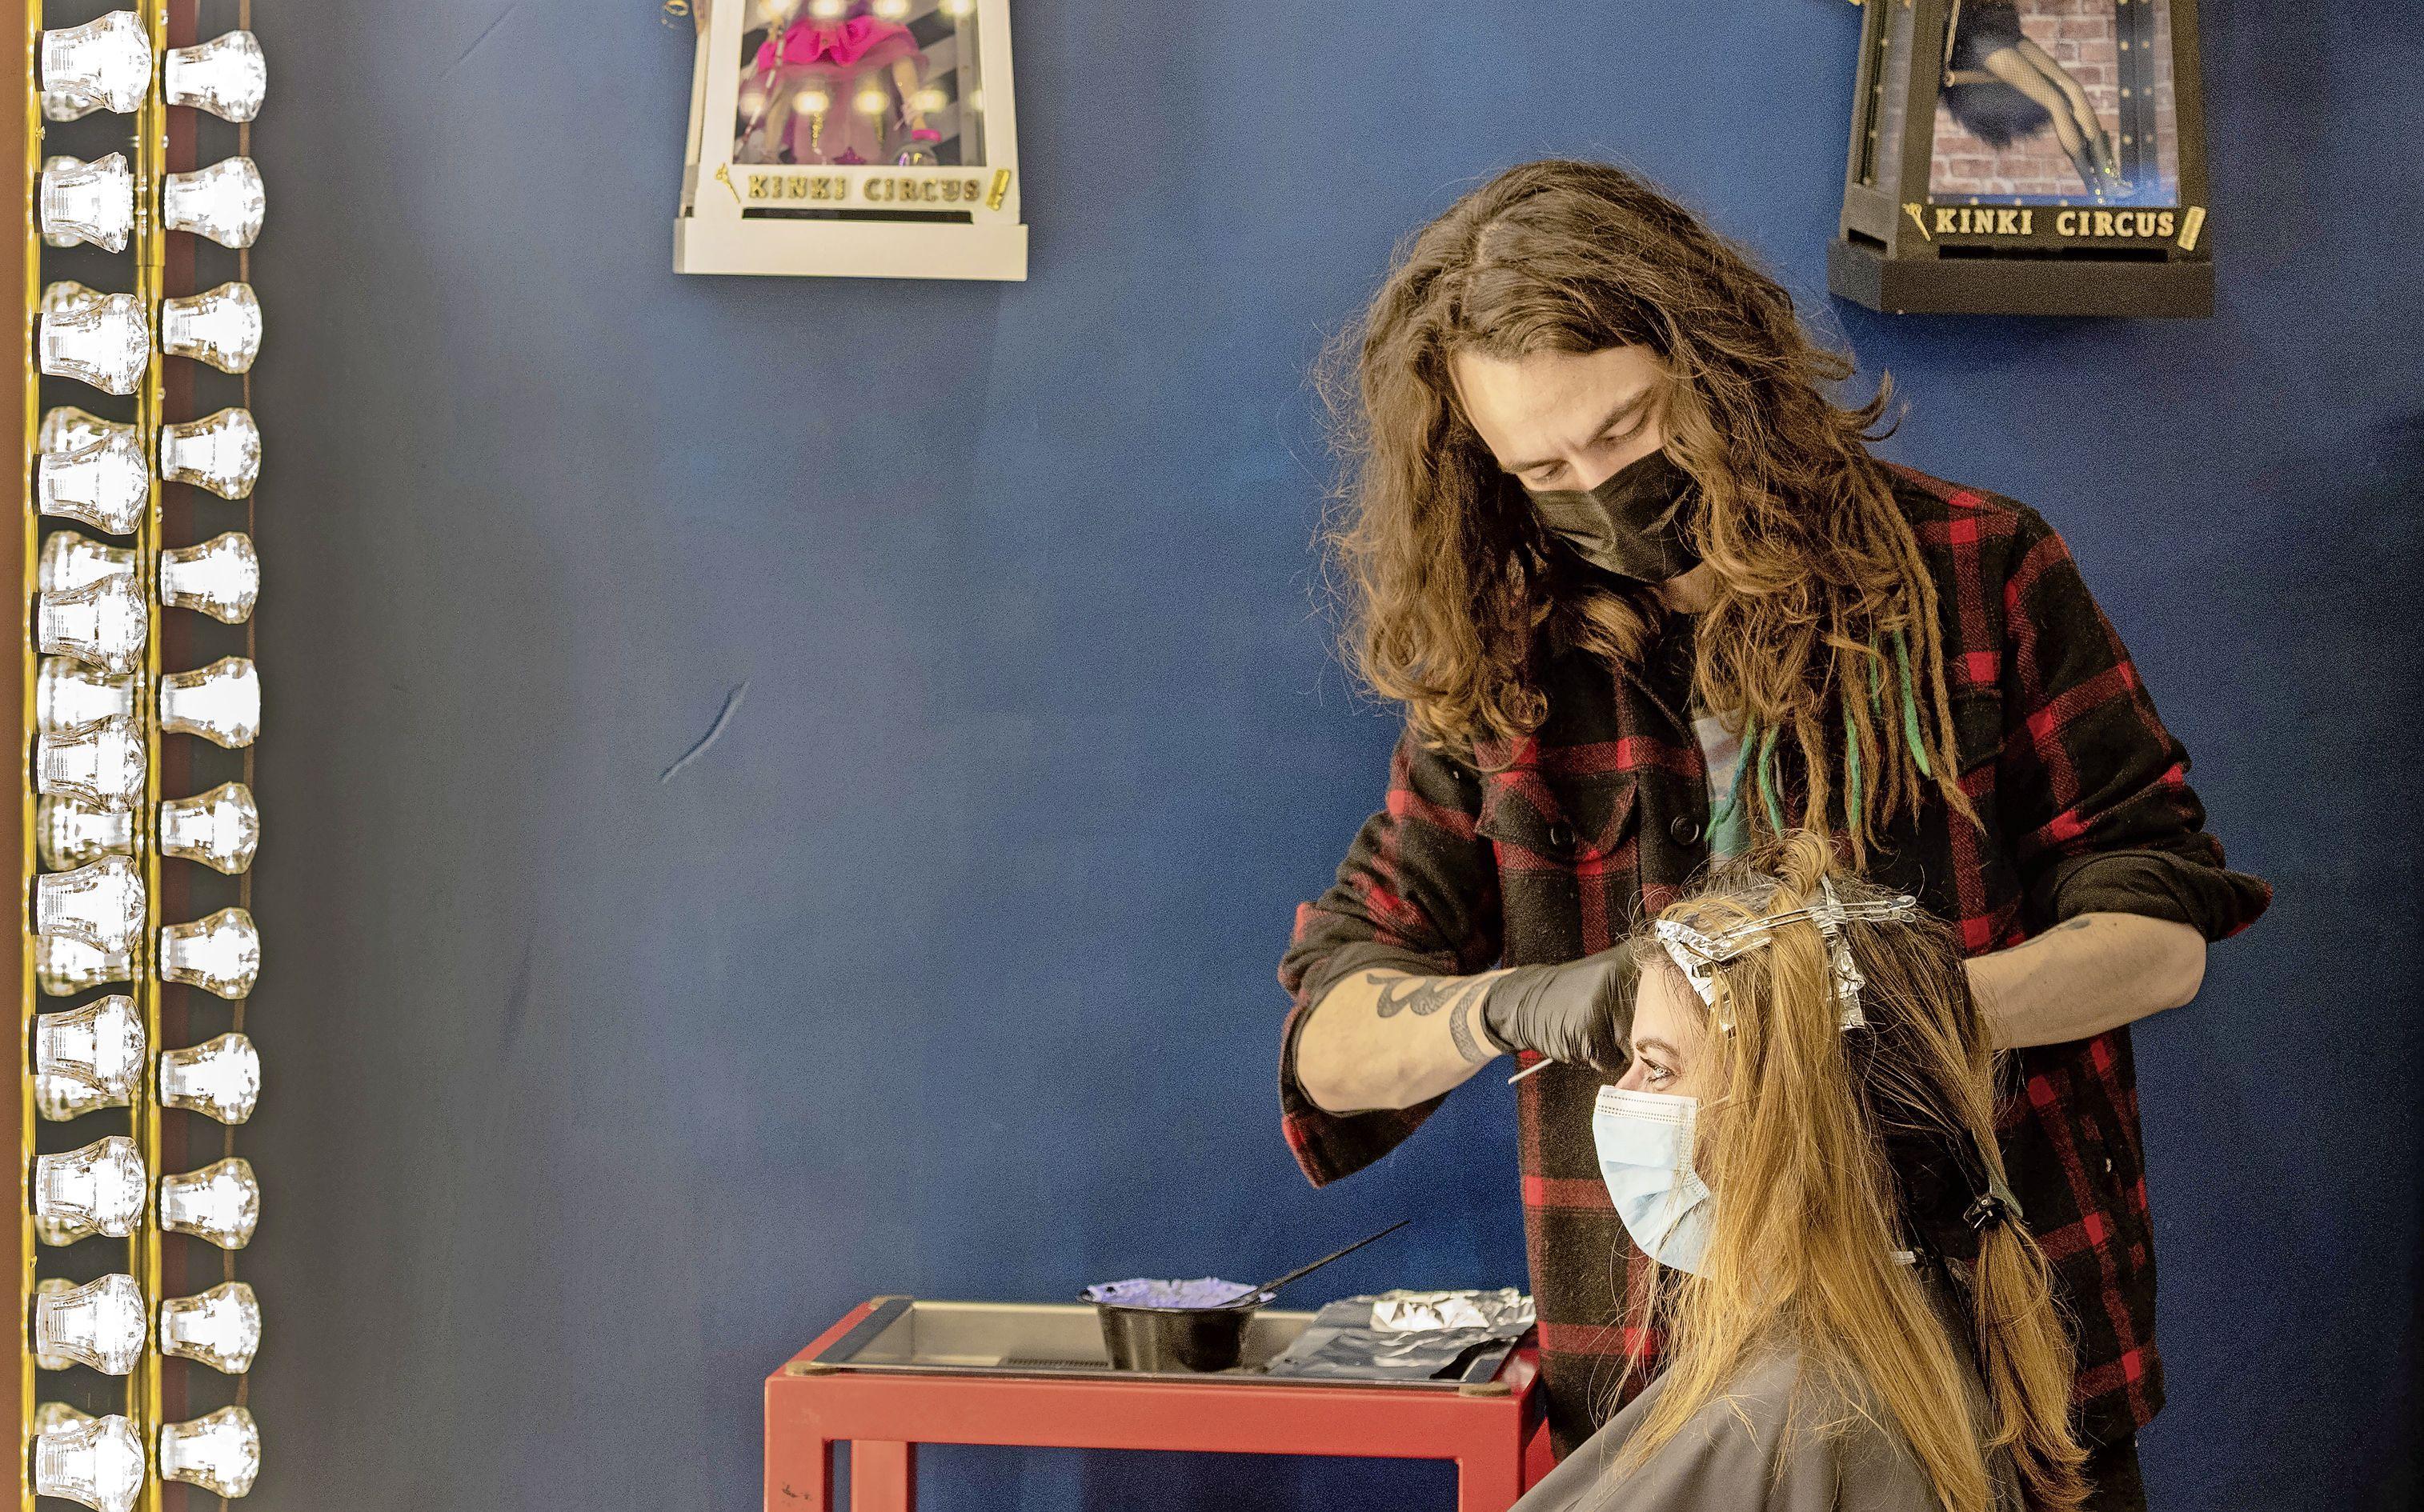 Dag lang nekhaar en dag vale haarkleur. Kapper Romy is blij dat ze weer mag knippen: 'Ik was helemaal zenuwachtig. Alsof het mijn eerste werkdag was'